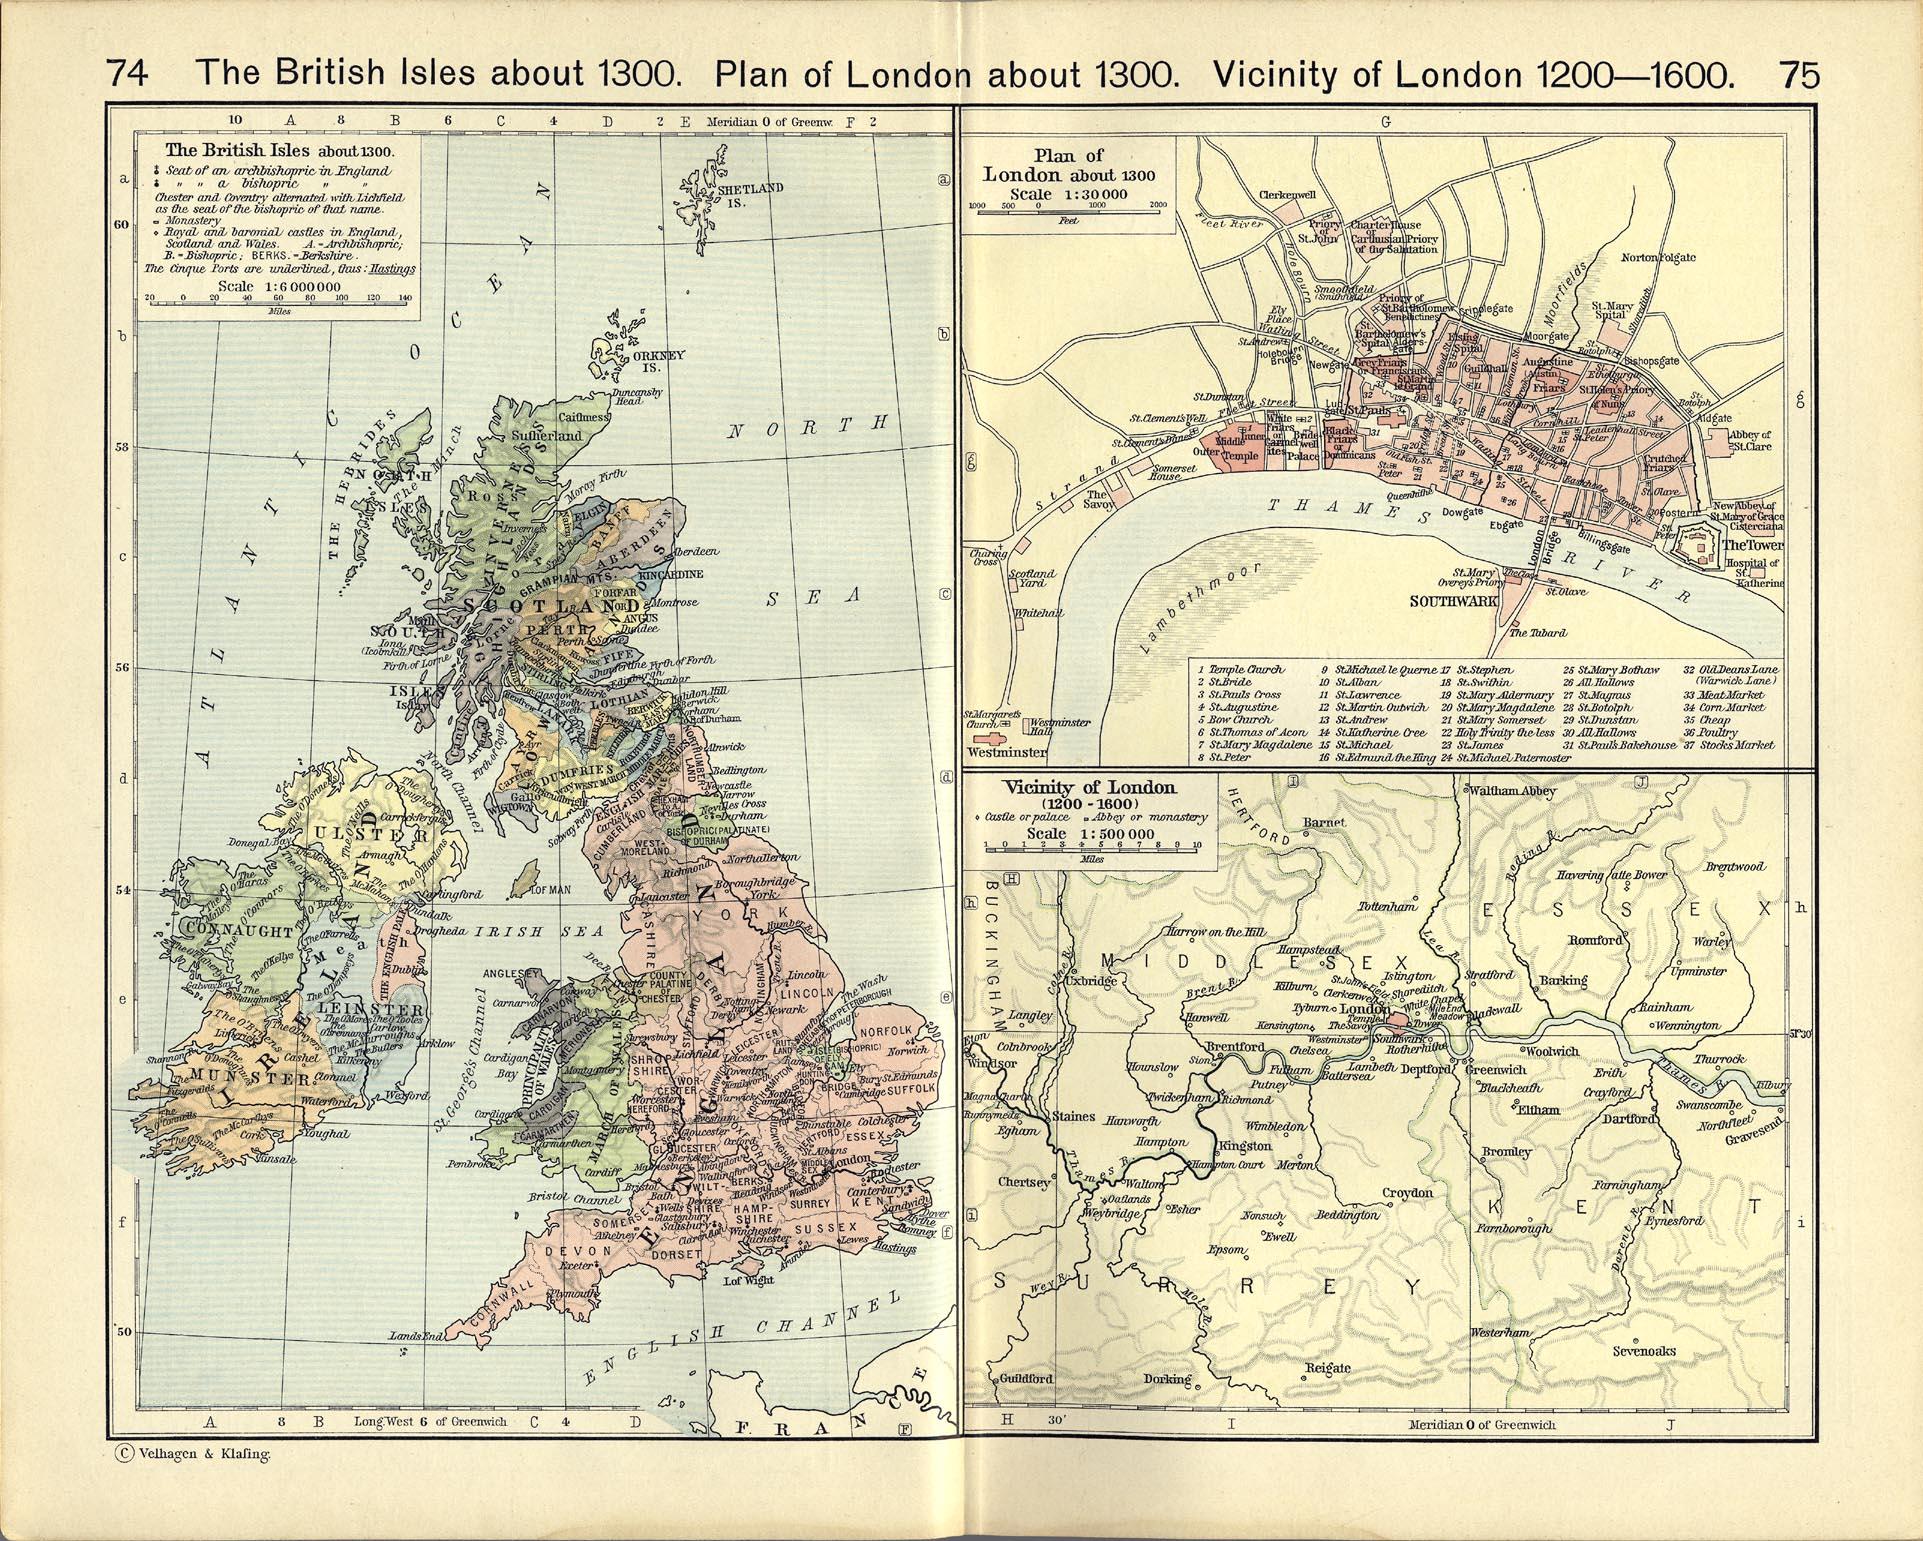 Mapas de las Islas Británicas y Londres Circa 1300